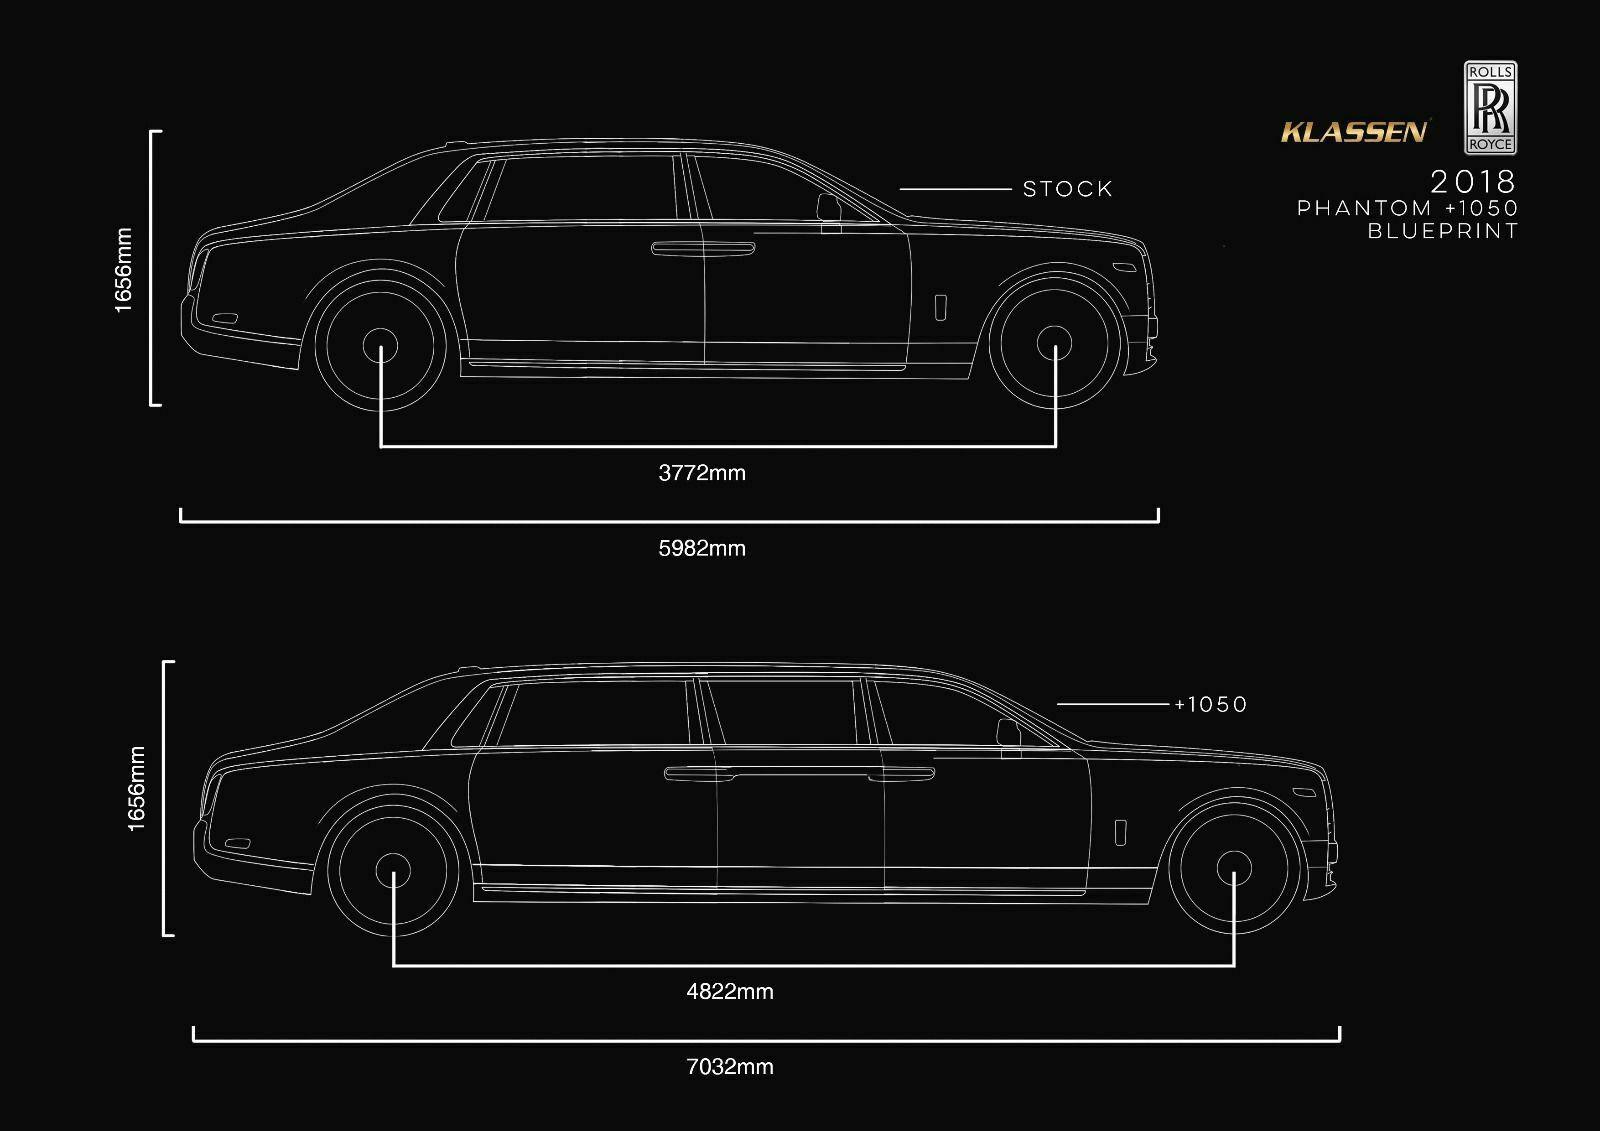 Rolls-Royce Phantom VIII qua bàn tay hãng độ Klassen với mức giá lên đến 3,3 triệu USD - 7